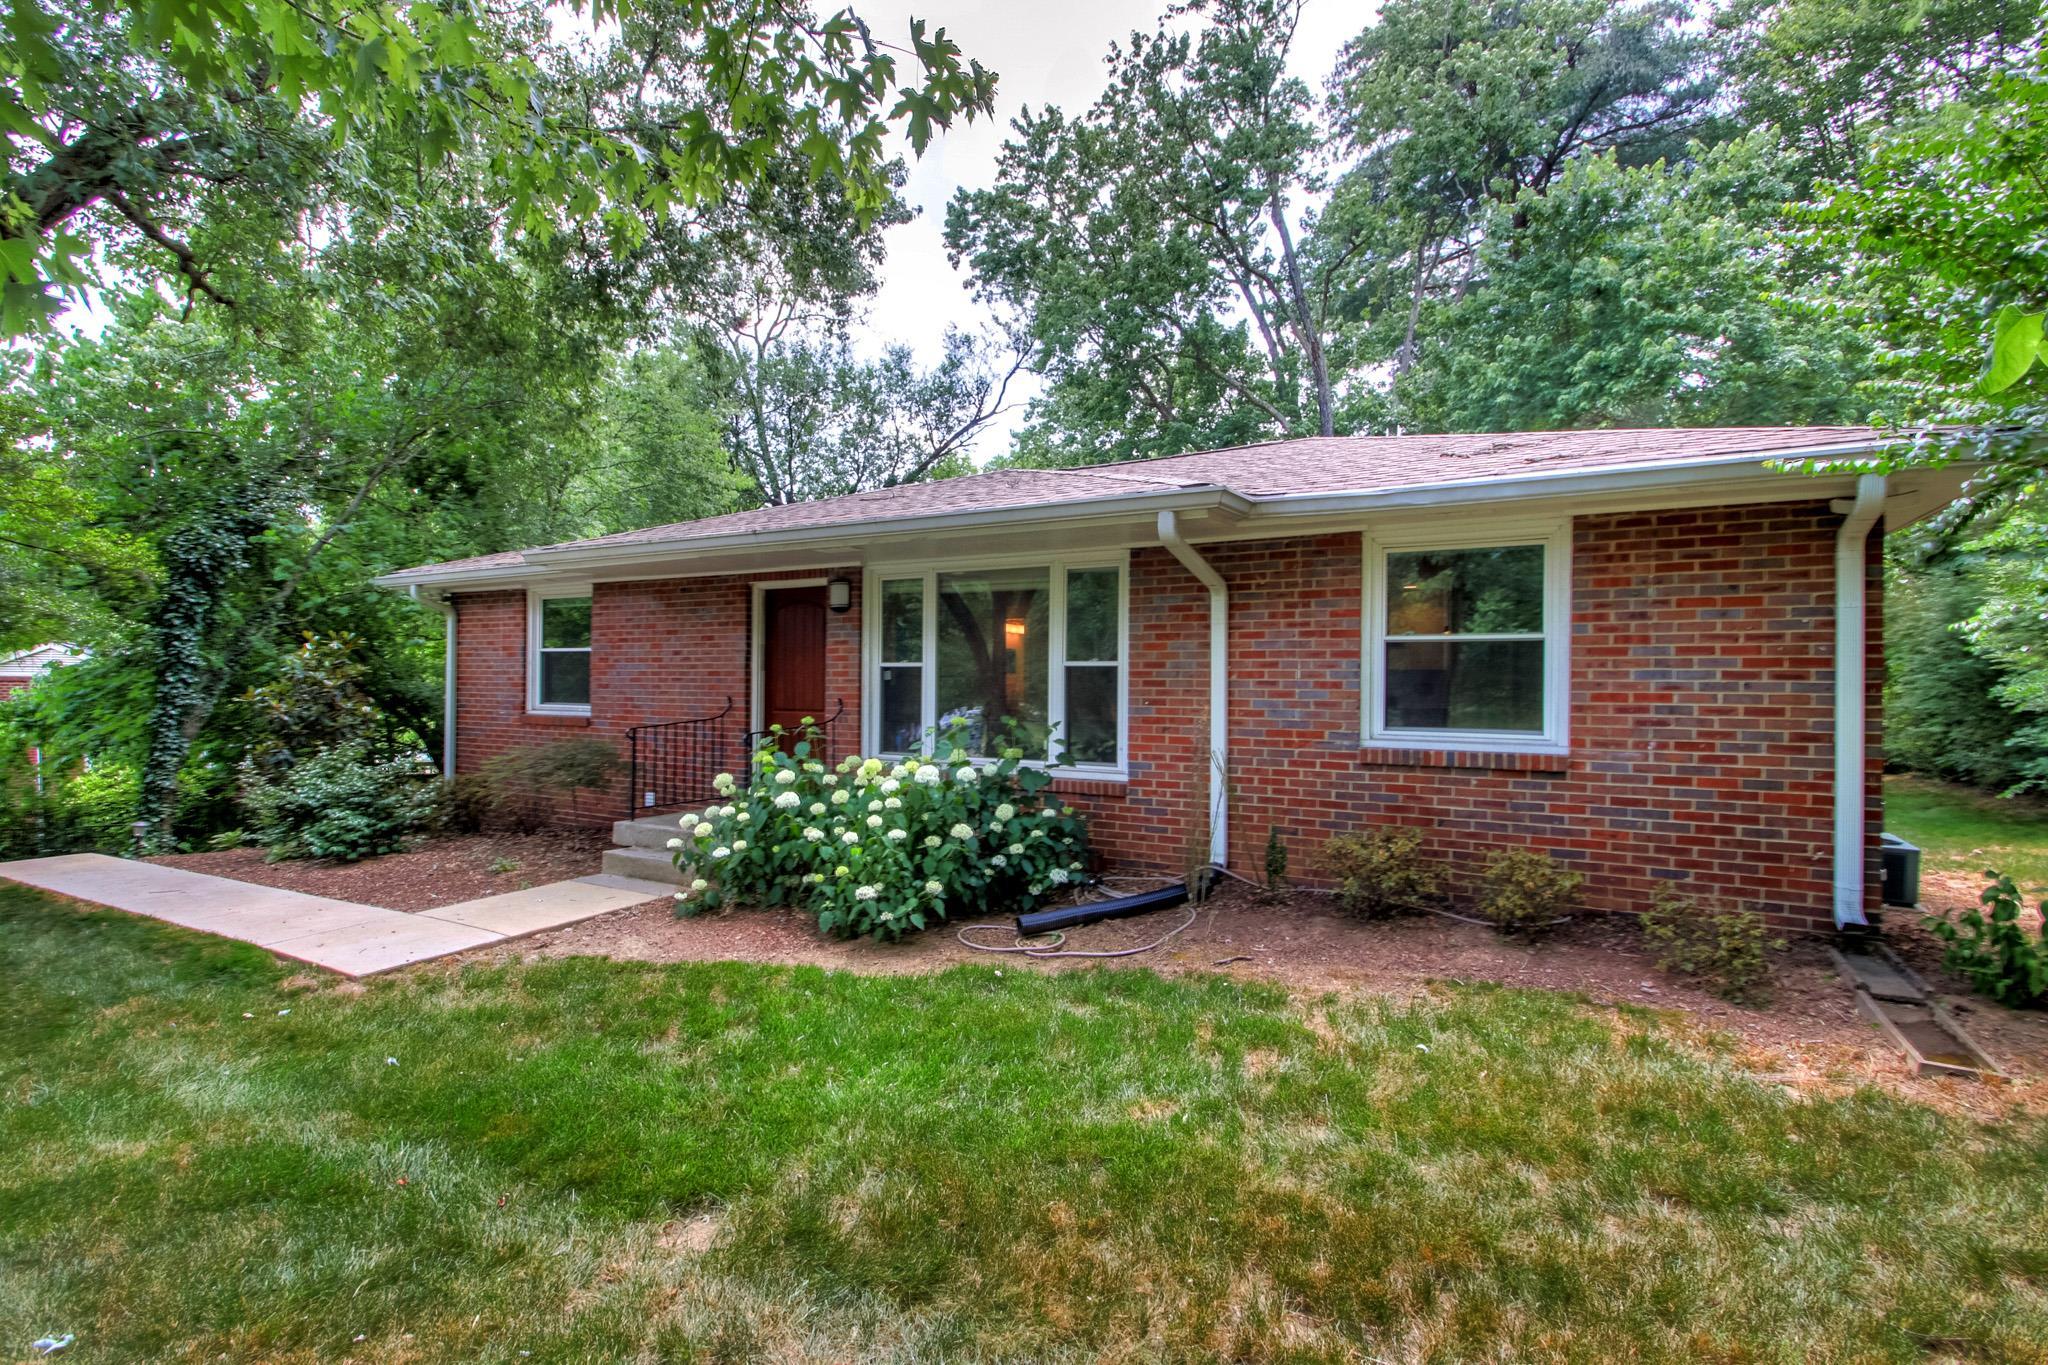 5023 Manuel Dr, Nashville, TN 37211 - Nashville, TN real estate listing